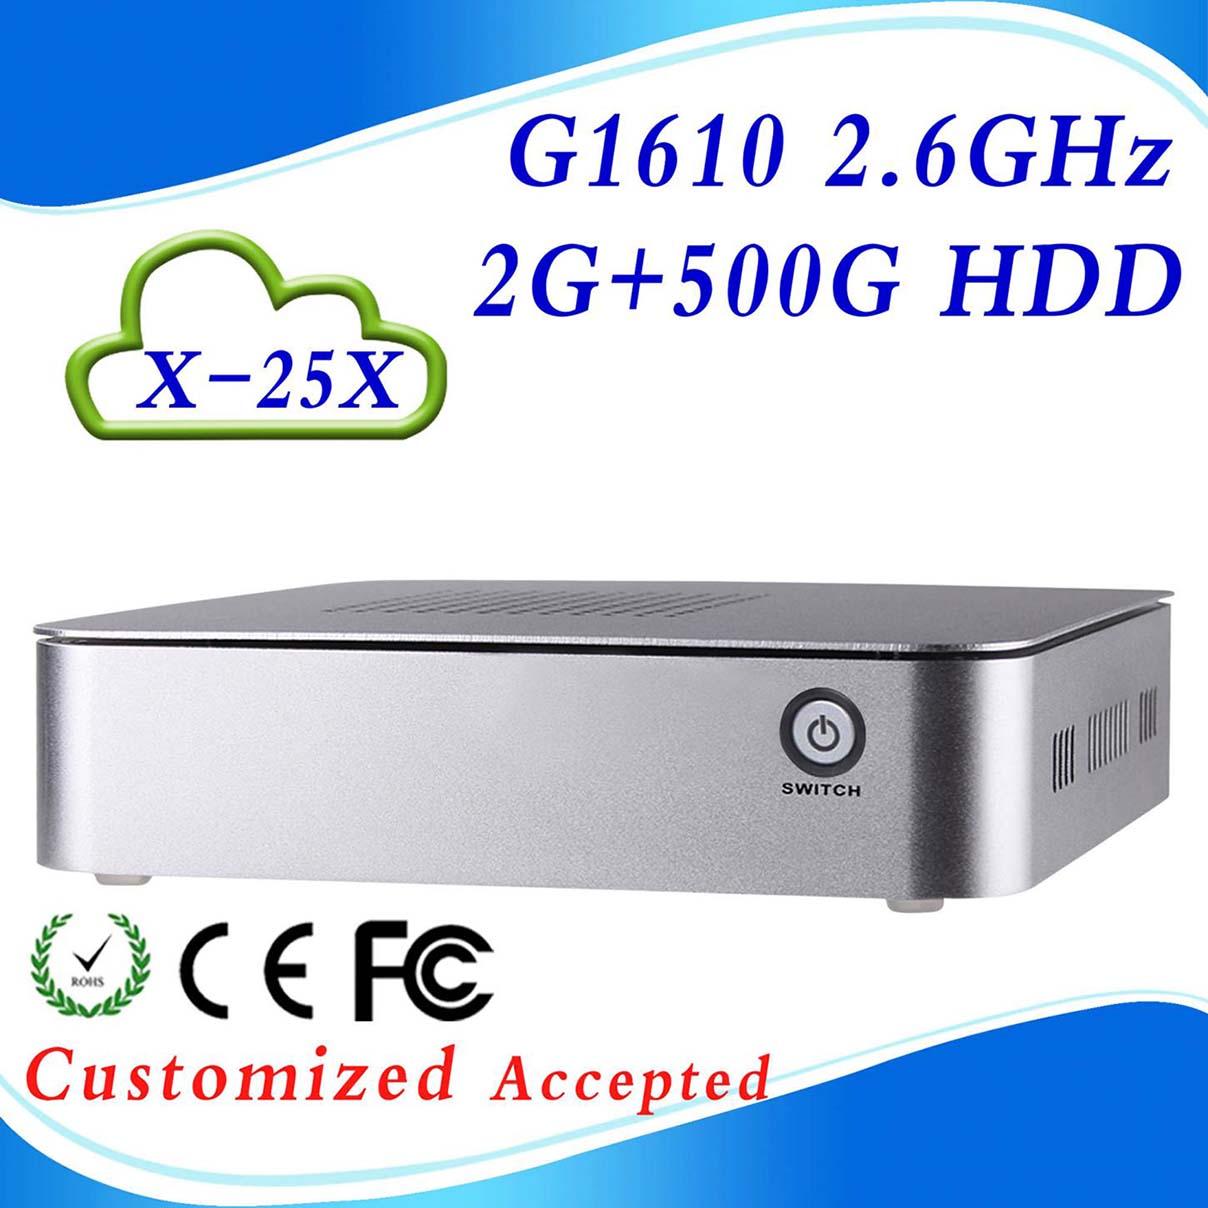 Здесь можно купить  window xp computer mini pc tv box mini pcs  X-25X G1610 2G RAM 500g hdd support wifi video, usb window xp computer mini pc tv box mini pcs  X-25X G1610 2G RAM 500g hdd support wifi video, usb Компьютер & сеть